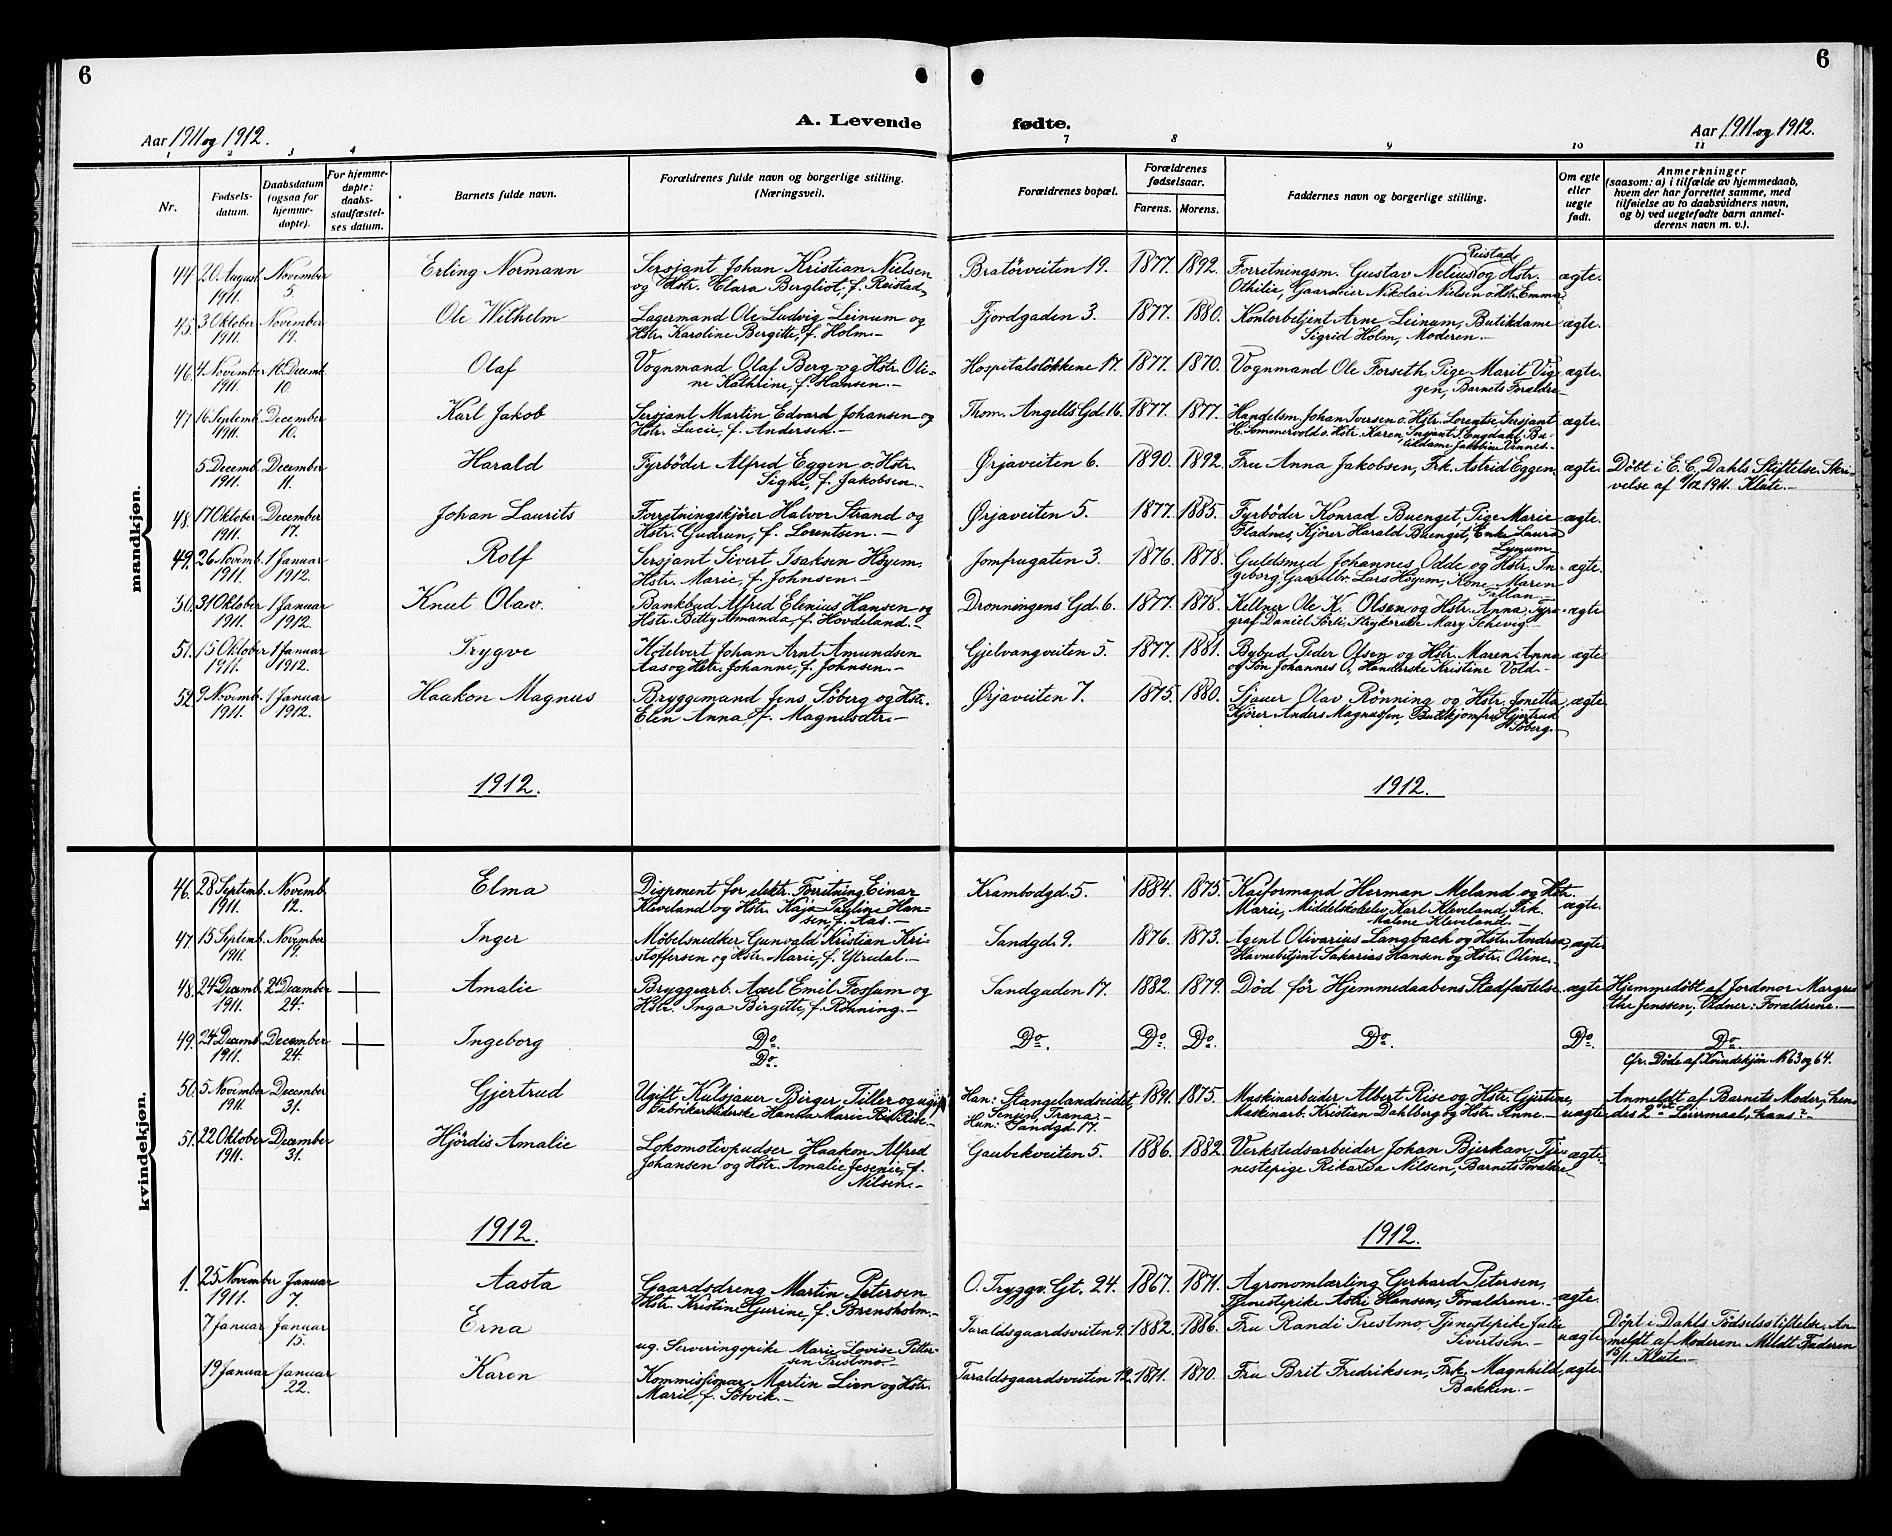 SAT, Ministerialprotokoller, klokkerbøker og fødselsregistre - Sør-Trøndelag, 602/L0147: Klokkerbok nr. 602C15, 1911-1924, s. 6